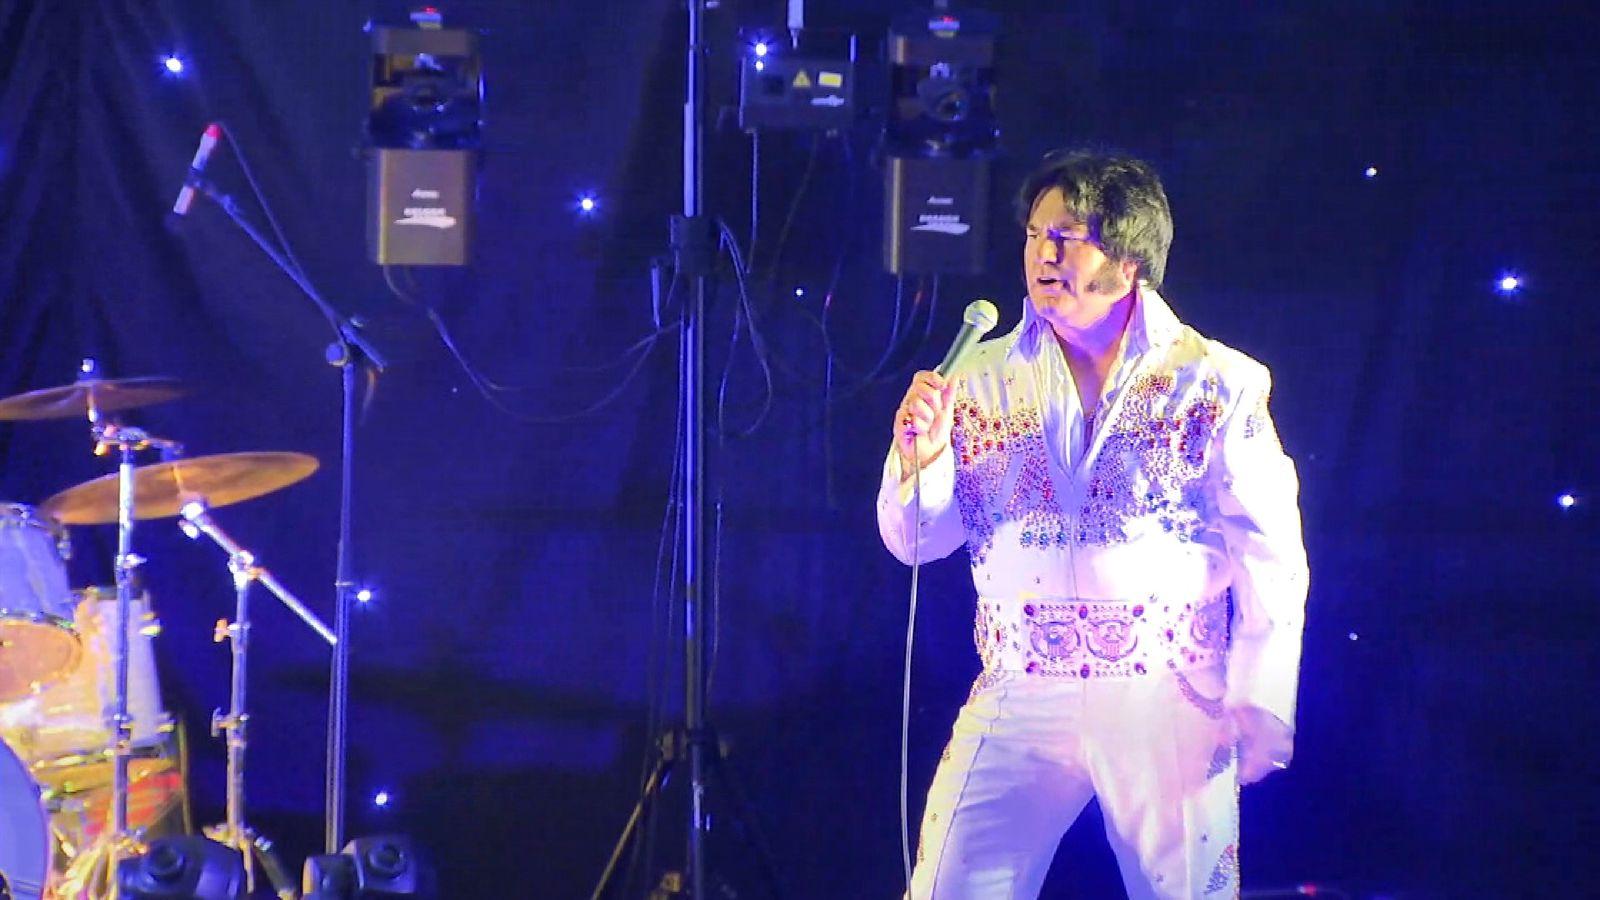 Elvis Presley impersonators battle it out in Birmingham